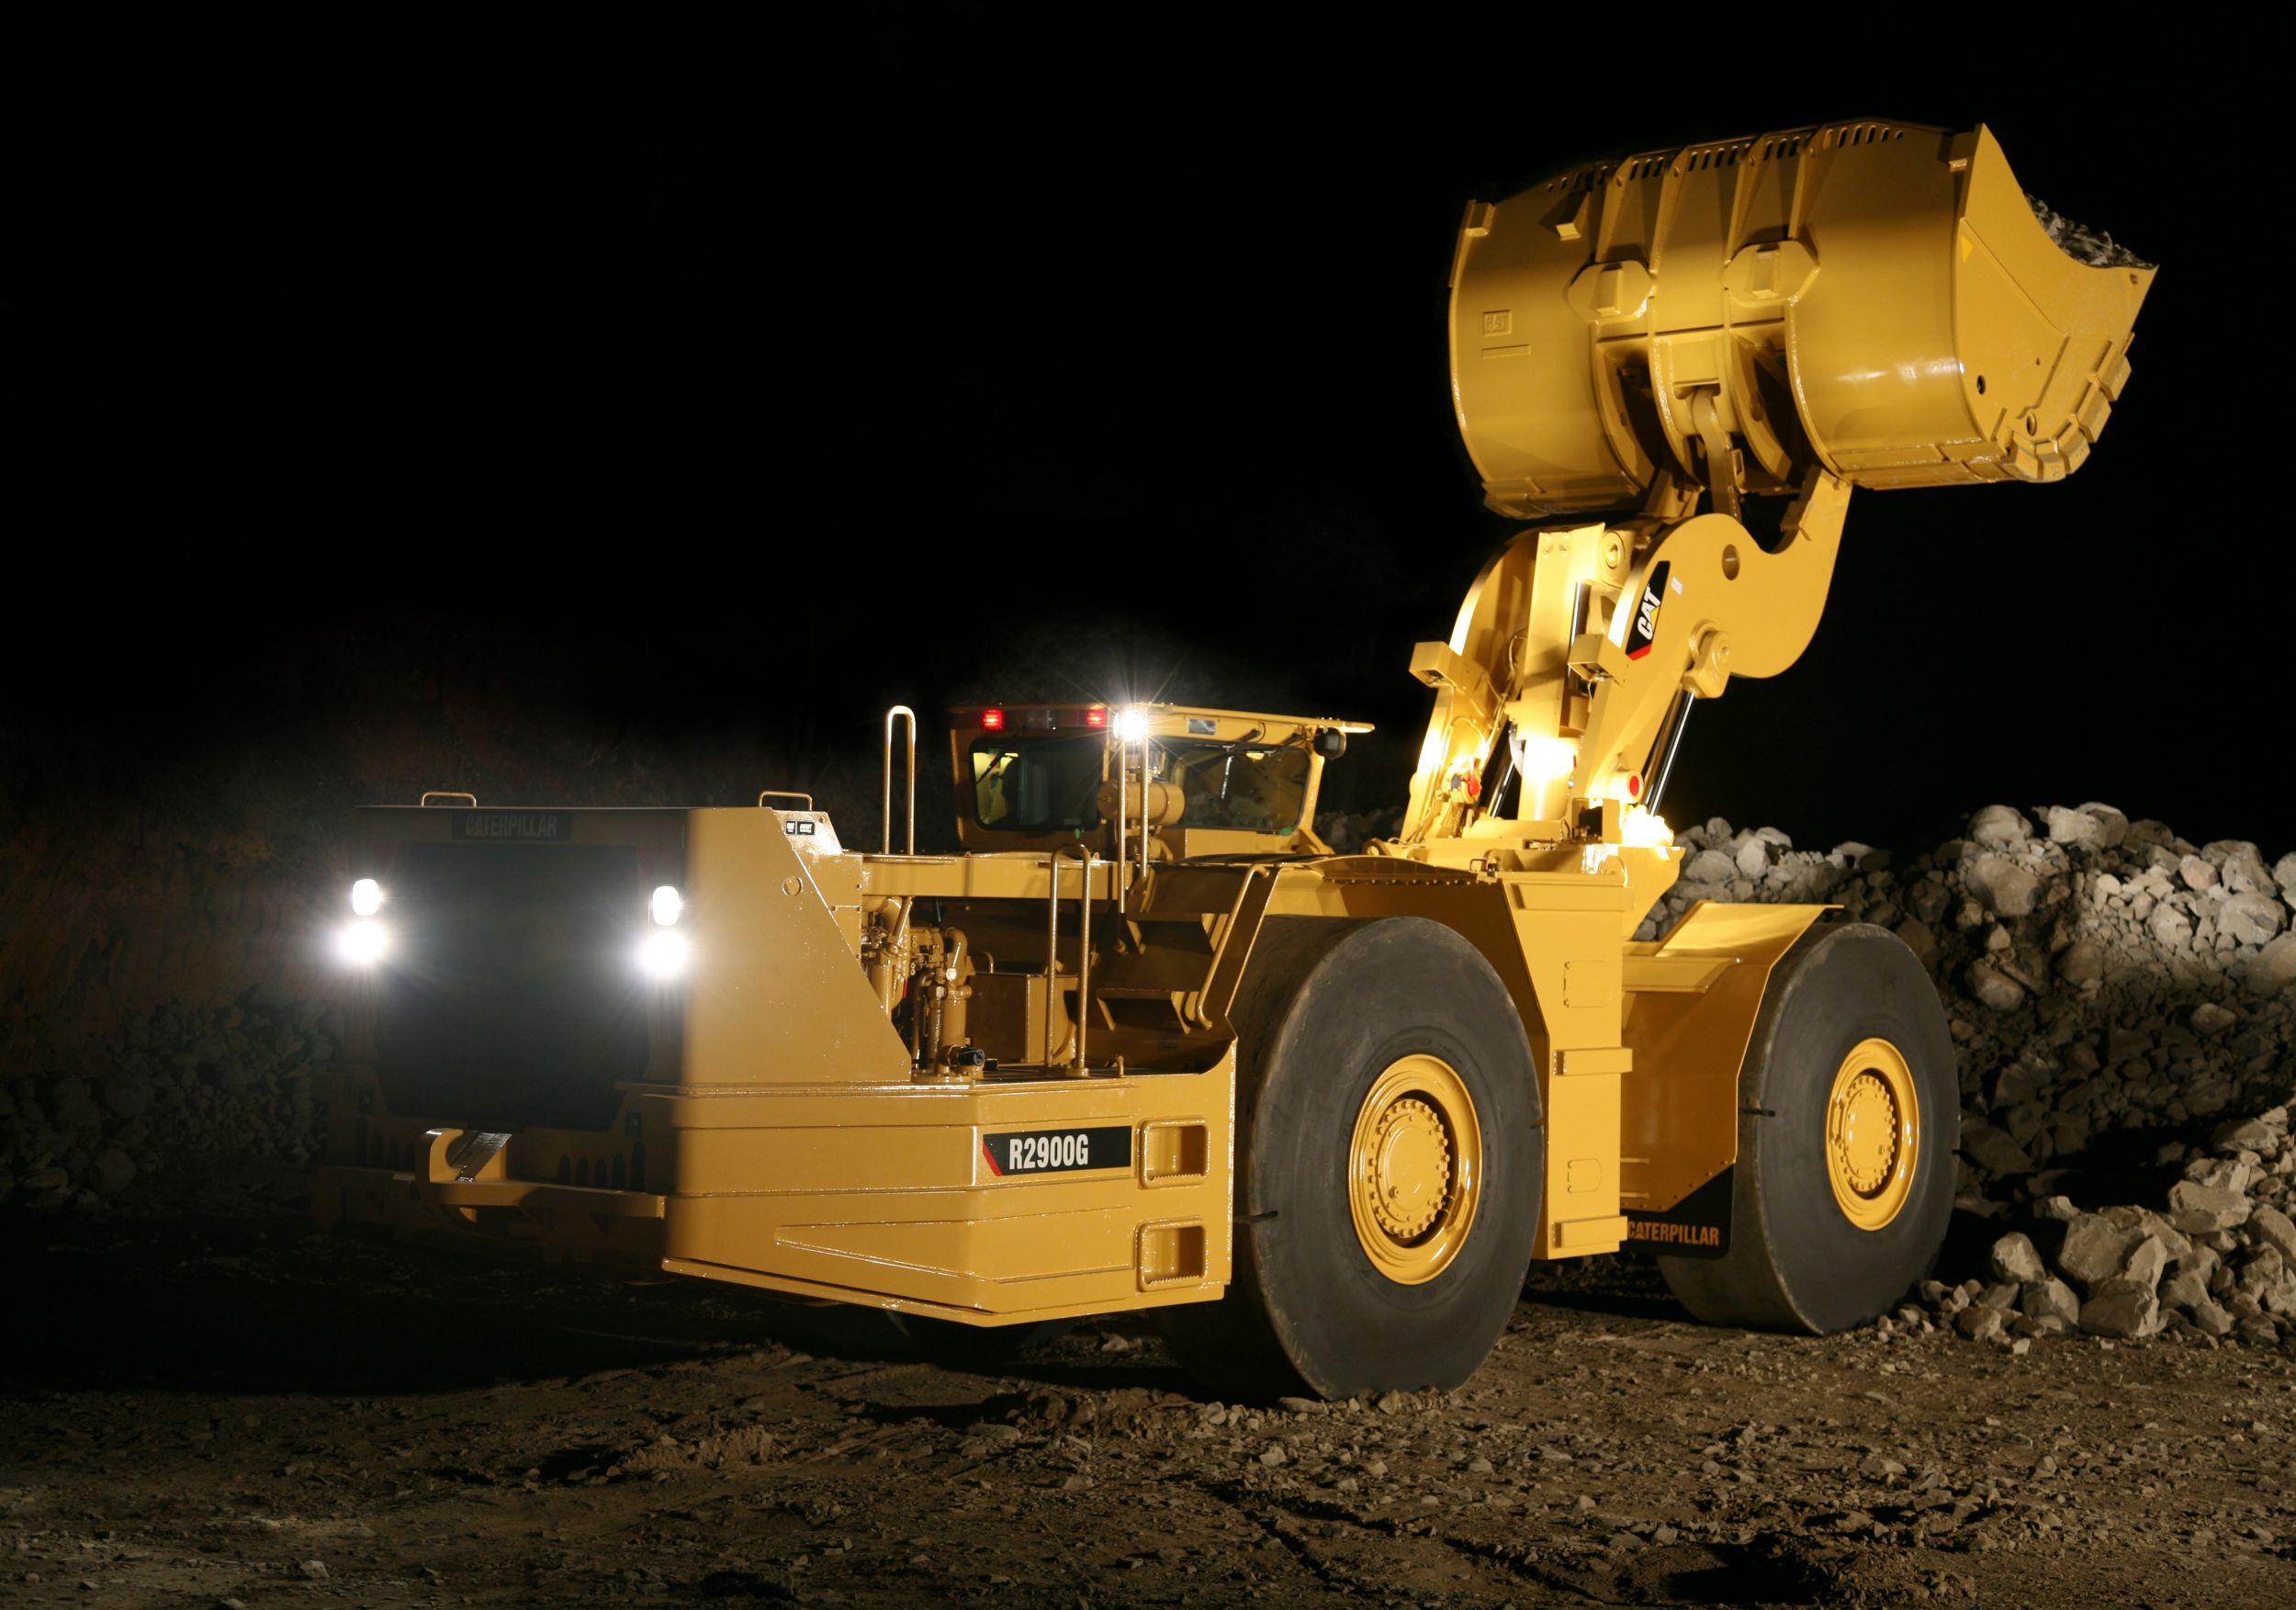 R2900G Underground Mining Load-Haul-Dump (LHD) Loader>